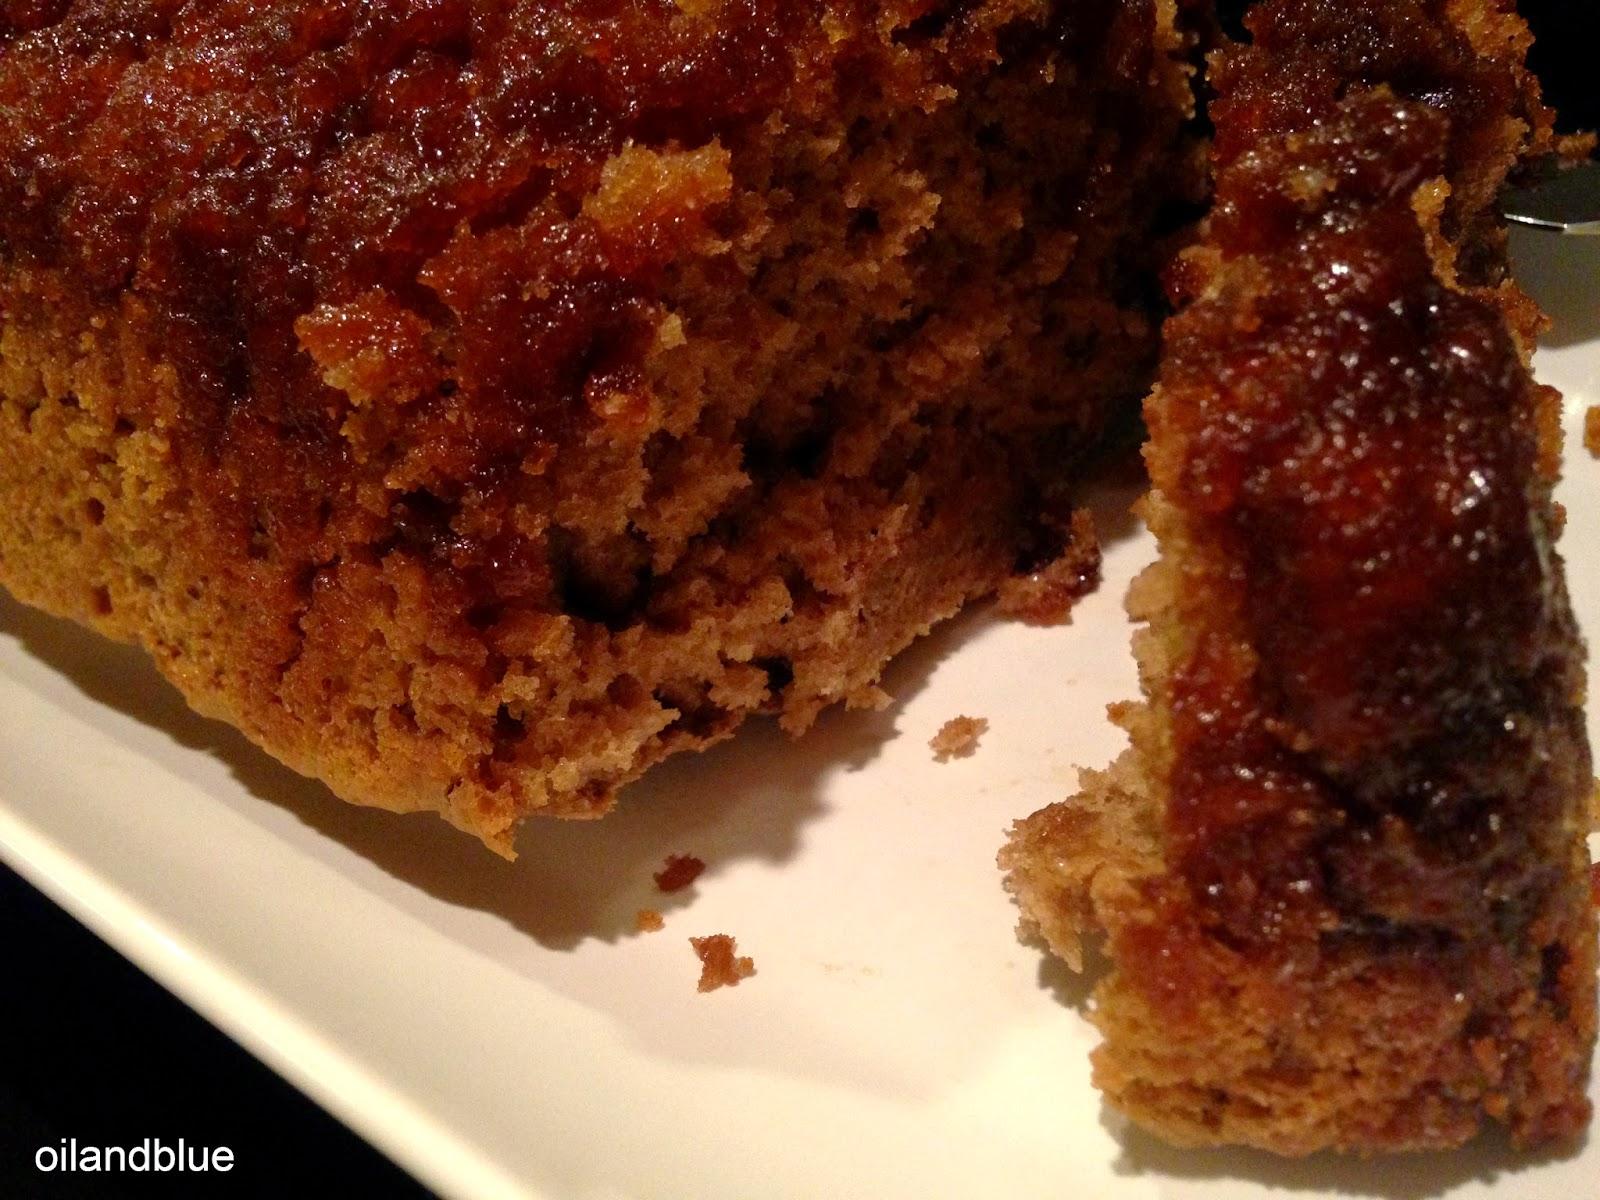 http://oilandblue.blogspot.com/2014/08/sticky-toffee-guinness-bread.html